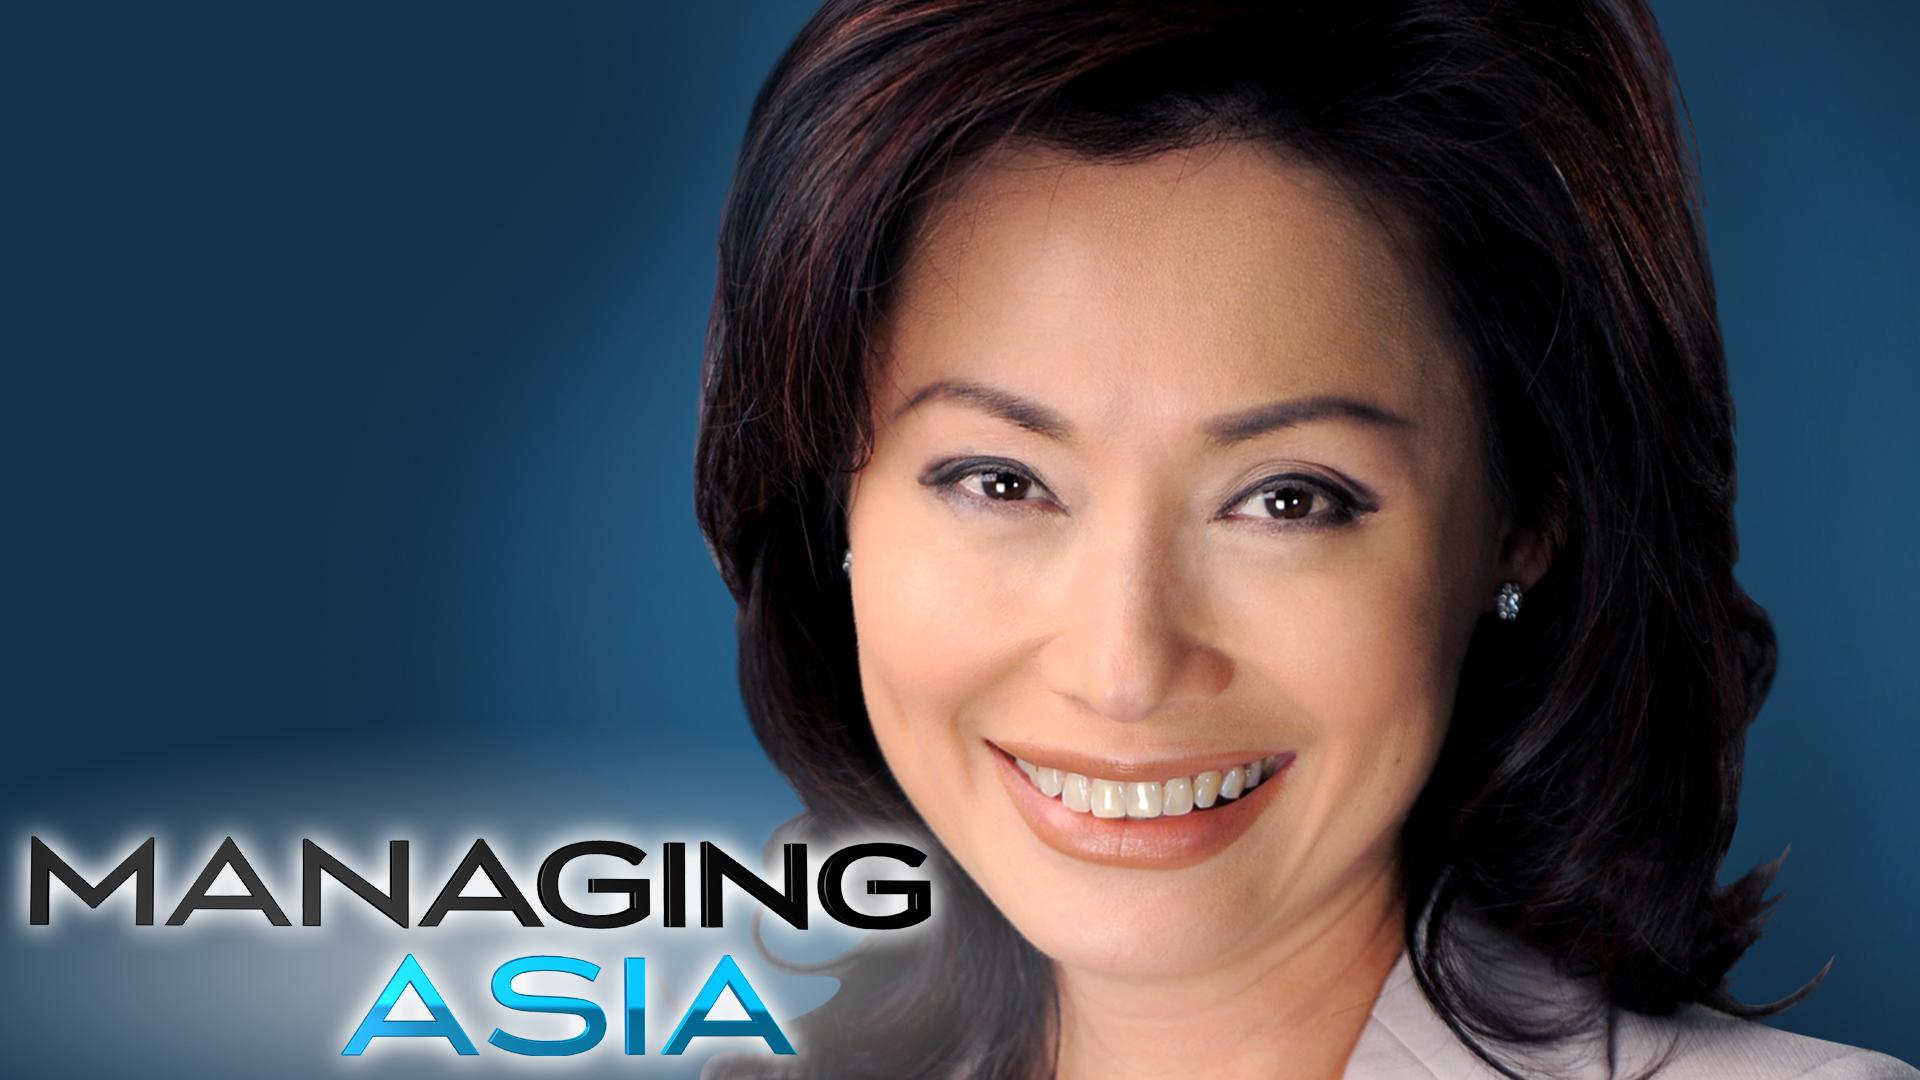 Managing Asia